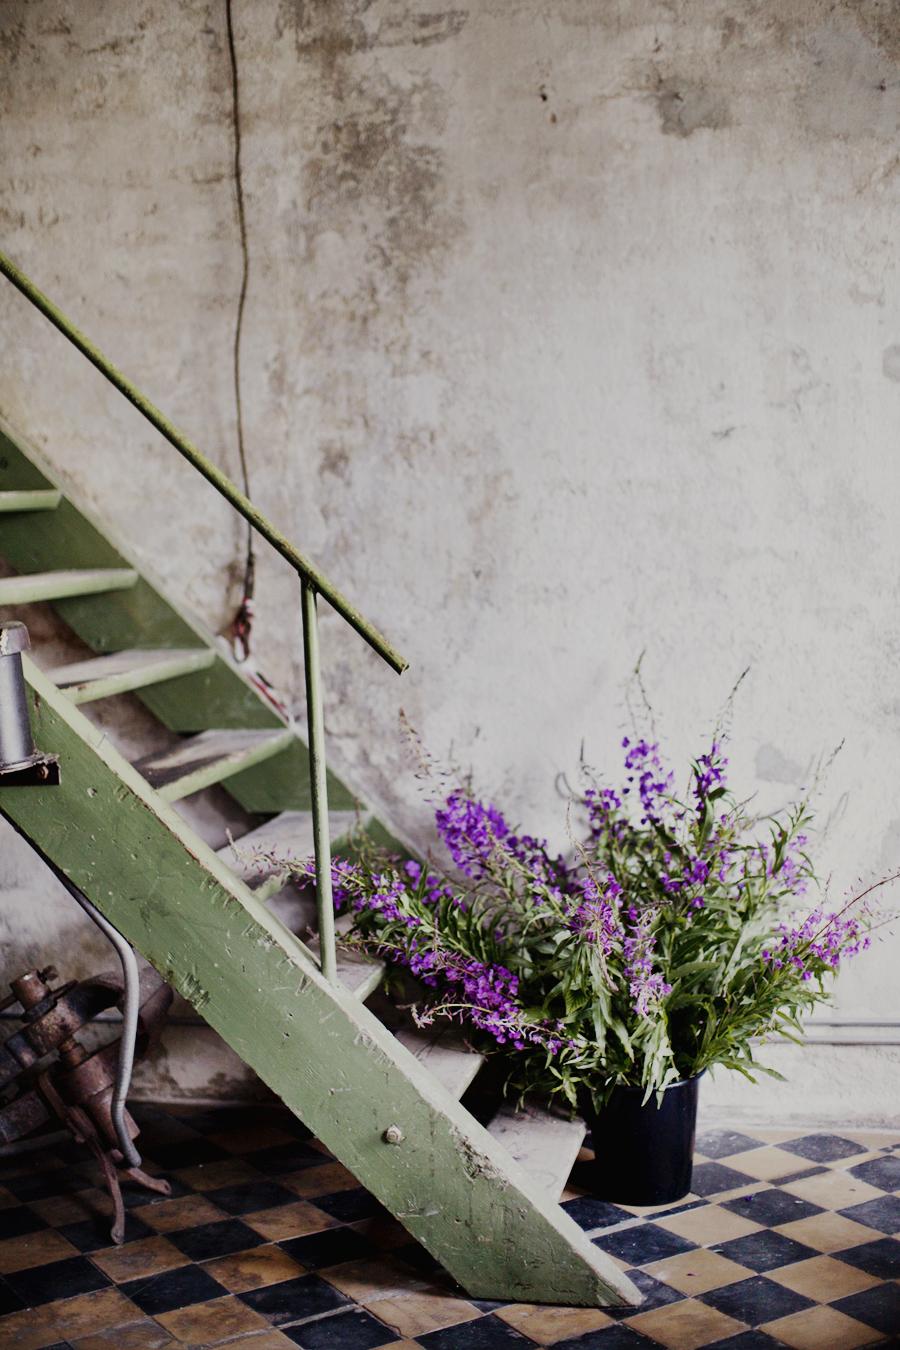 sankthans-gravid-blomster-blogg-2014-haslien-magebilde-graviditet-blog-pregnant-hverdag--03